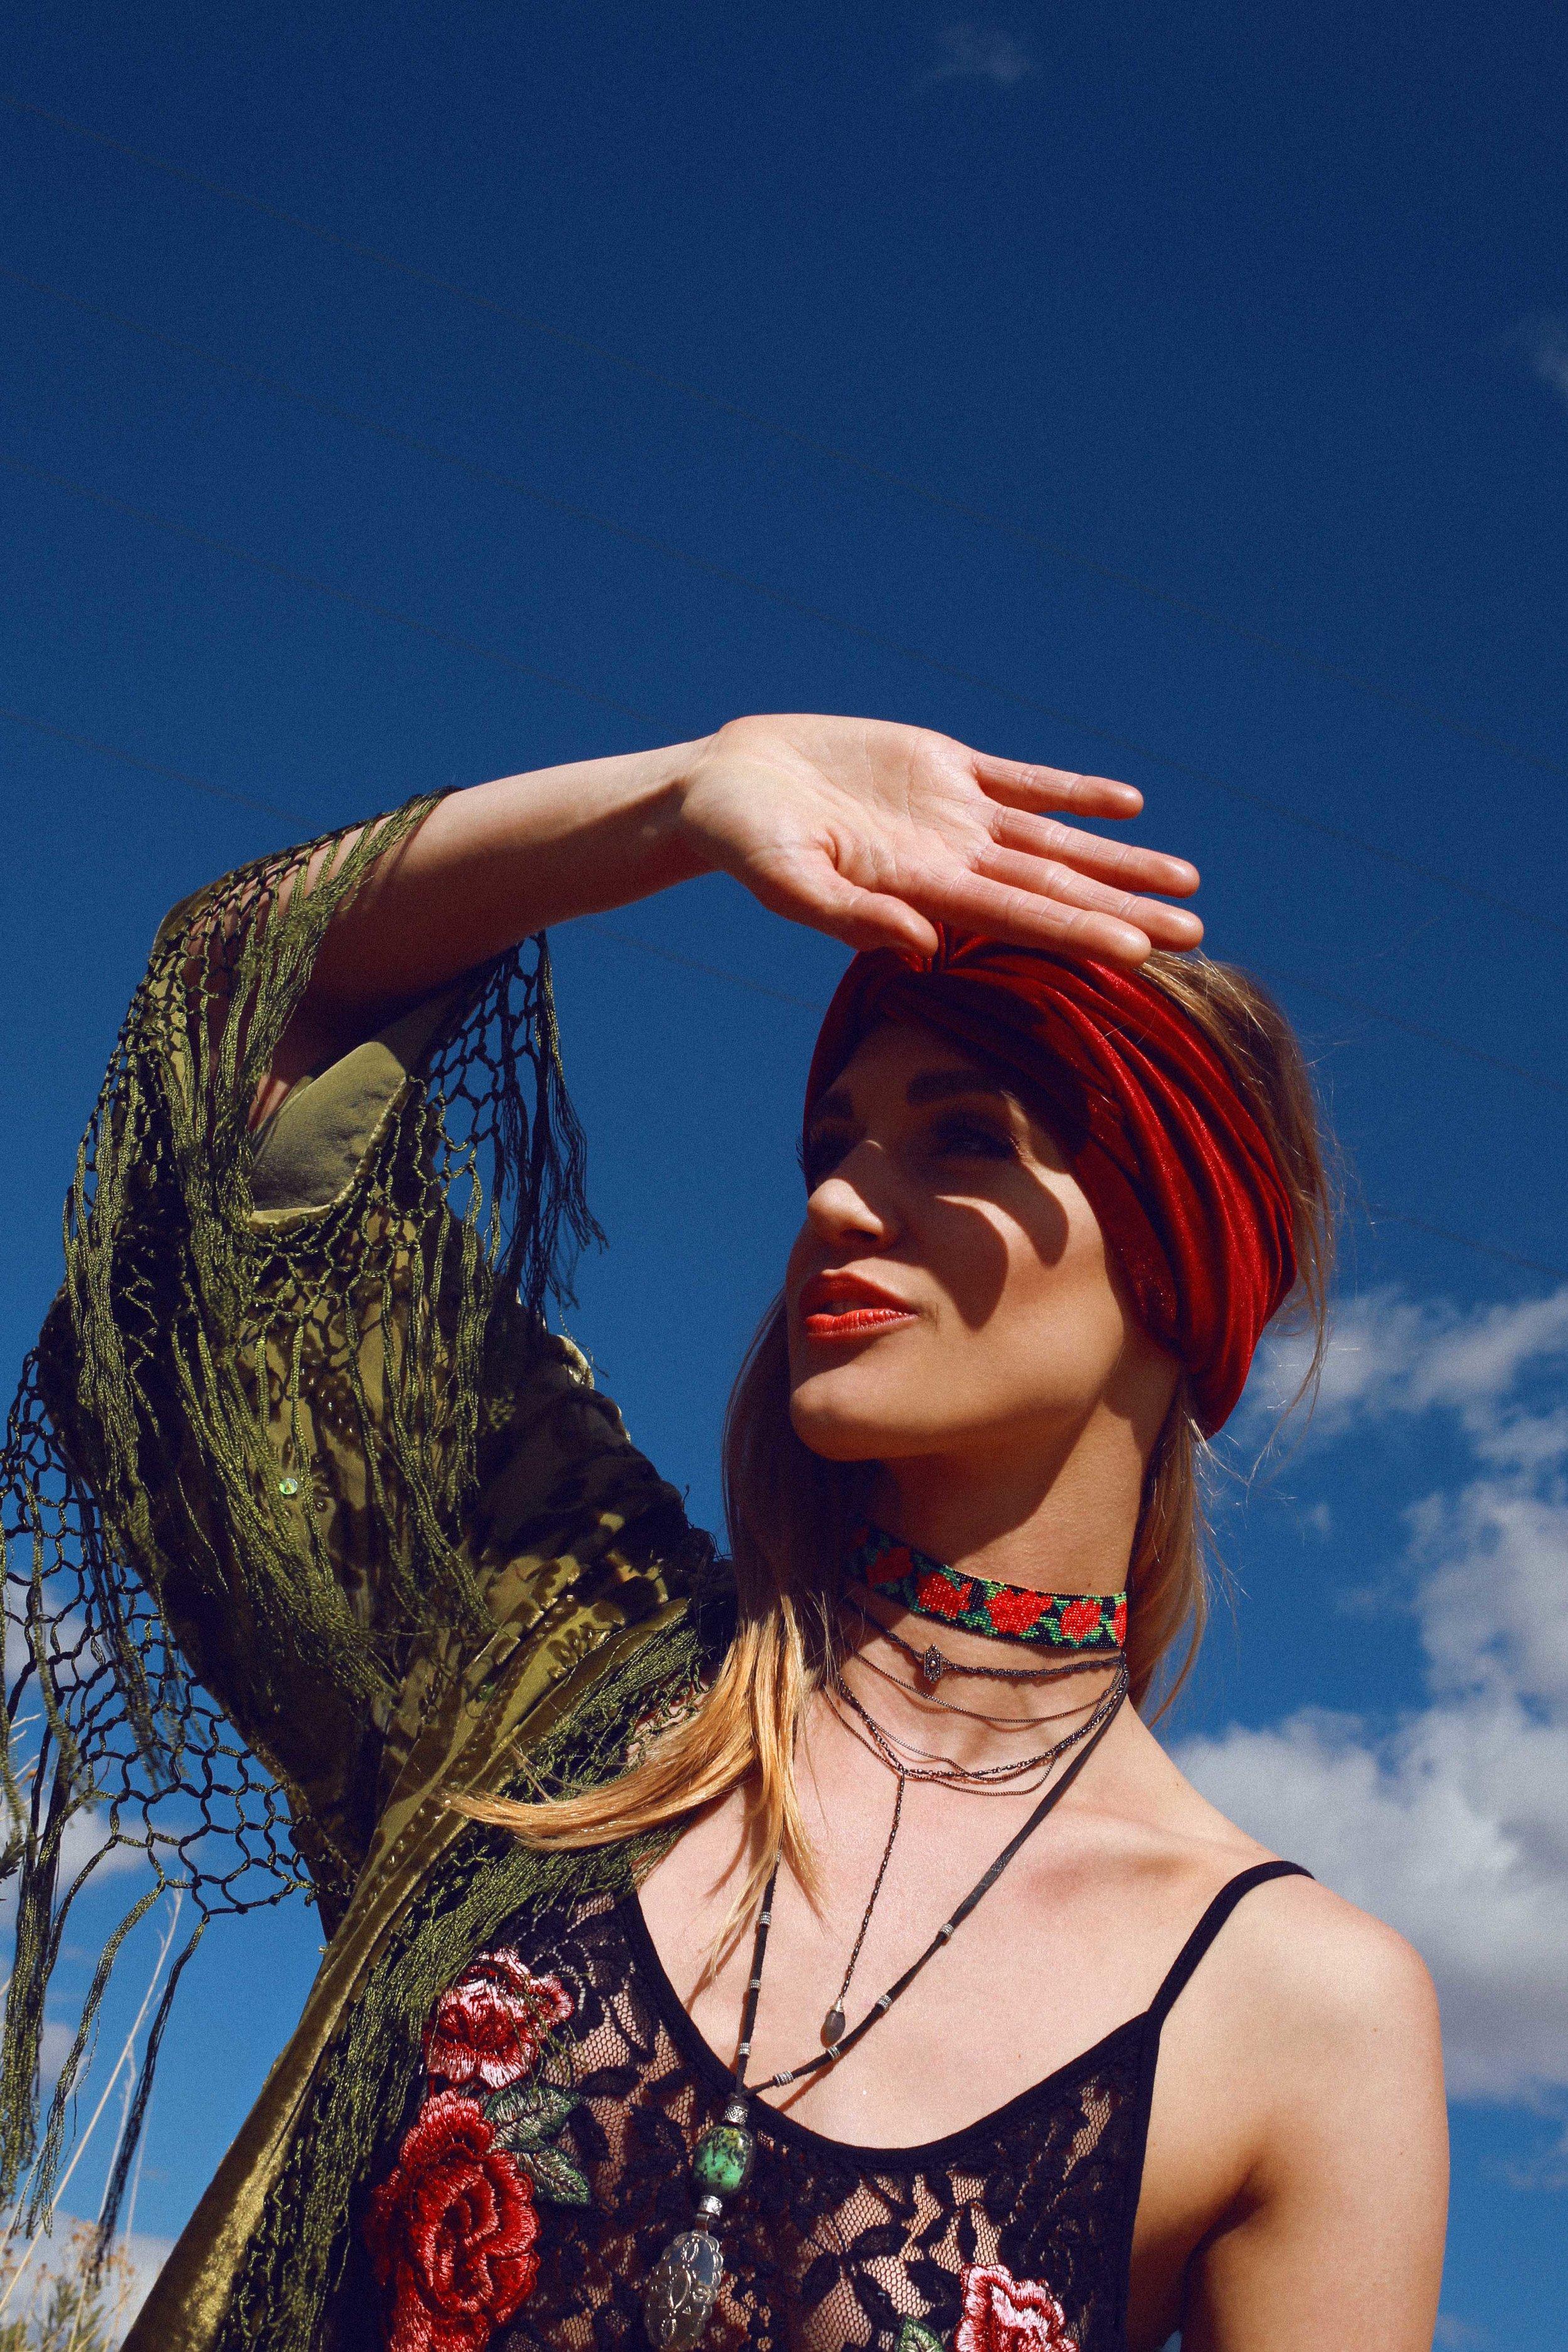 COLORADO GYPSY DREAMIN' - Photo Shoot Story shot by Alyssa Risley - IG @alyssarisley #HAND #SHADOW #EDITORIAL